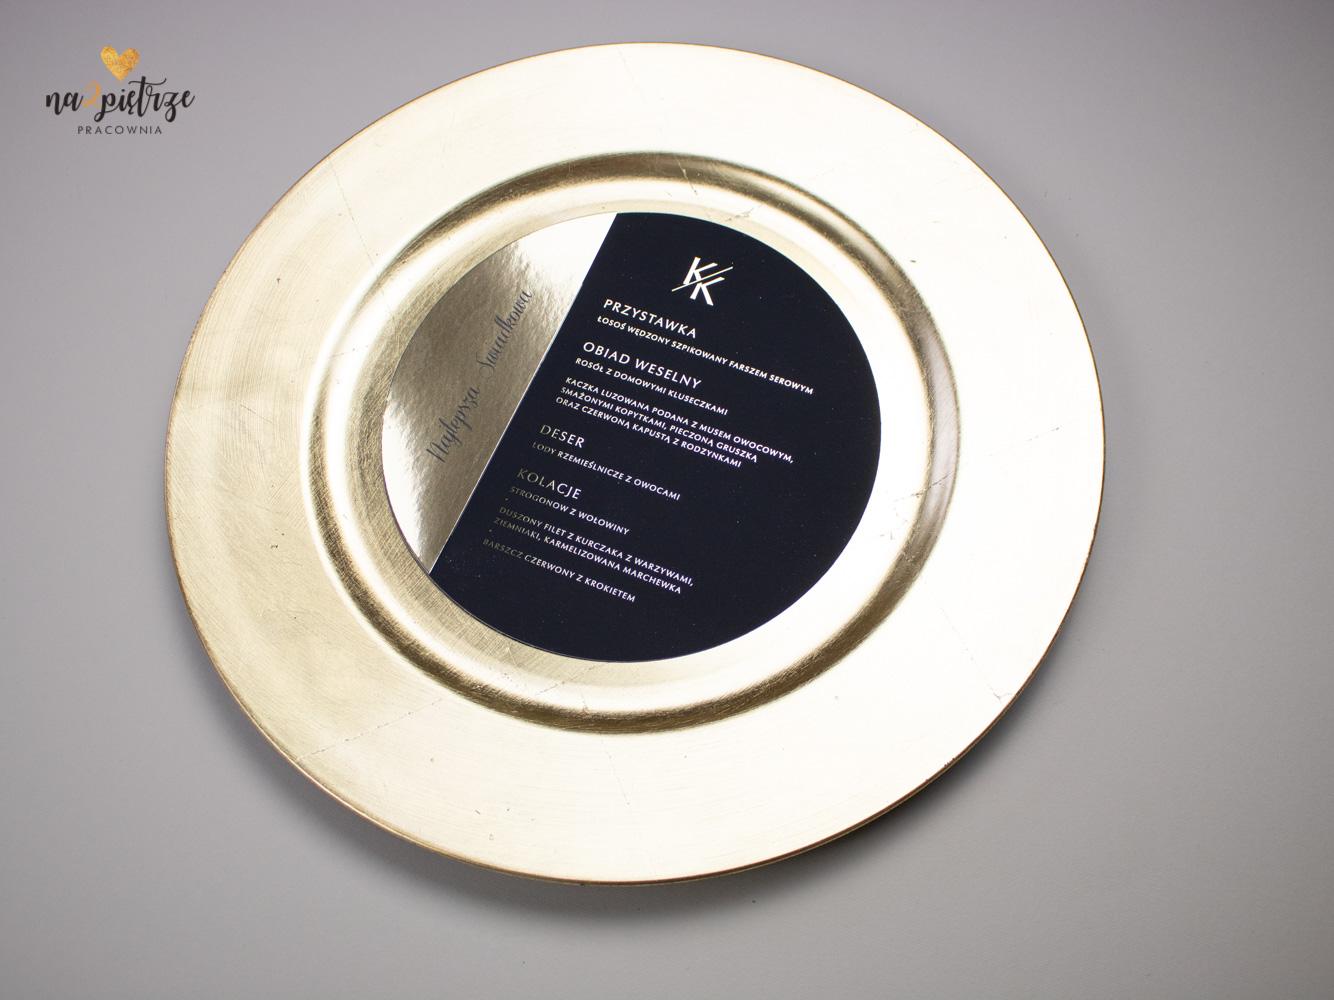 okrągłe menu na talerz, czarne ze złotym nadrukiem, połączone z wineitką